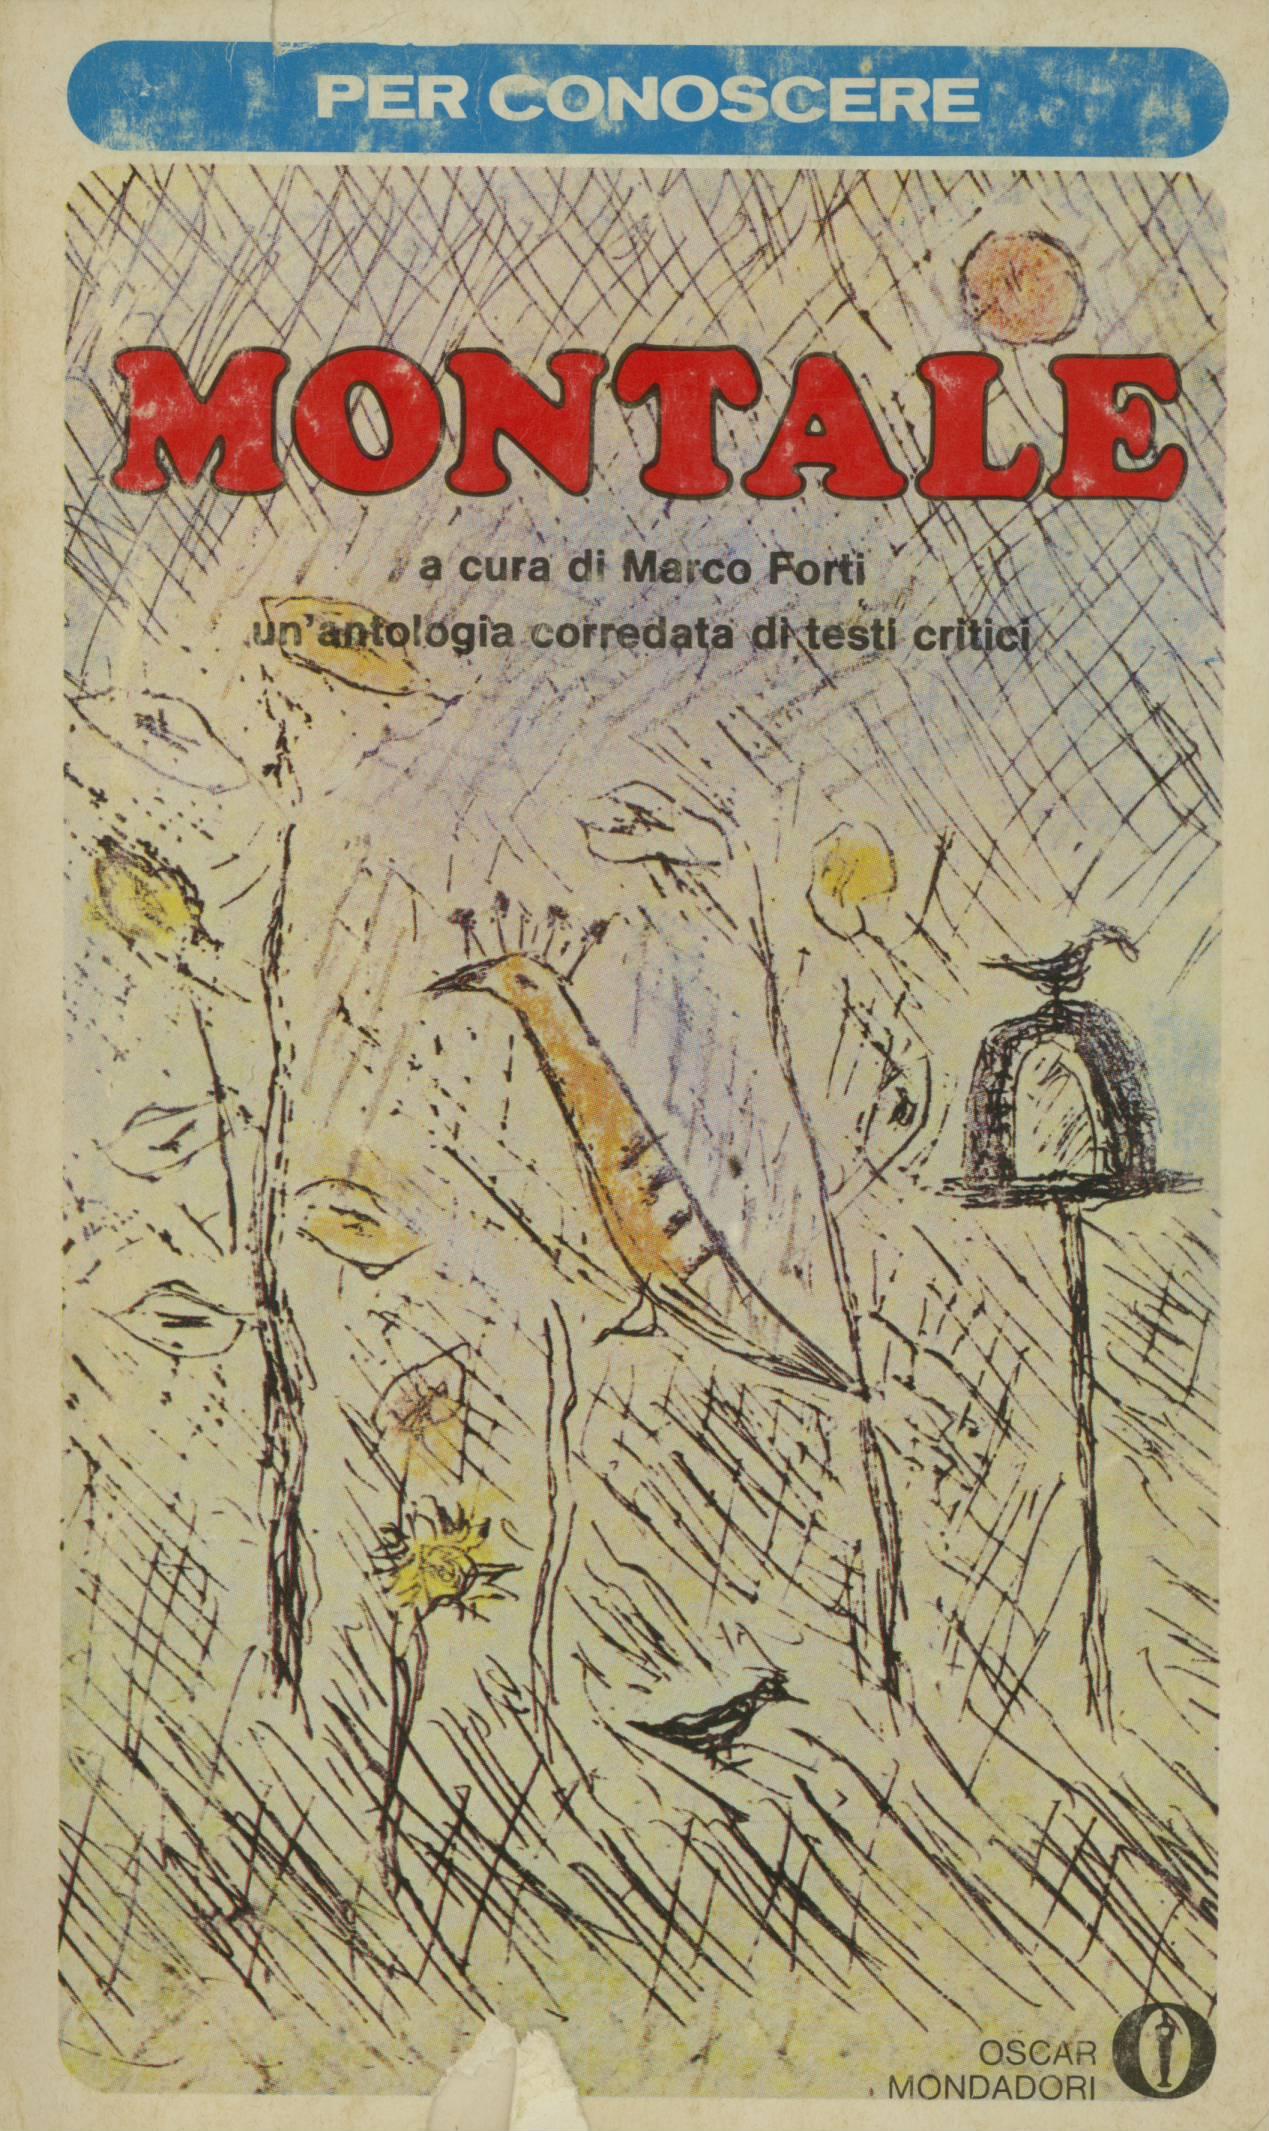 Per conoscere Montale